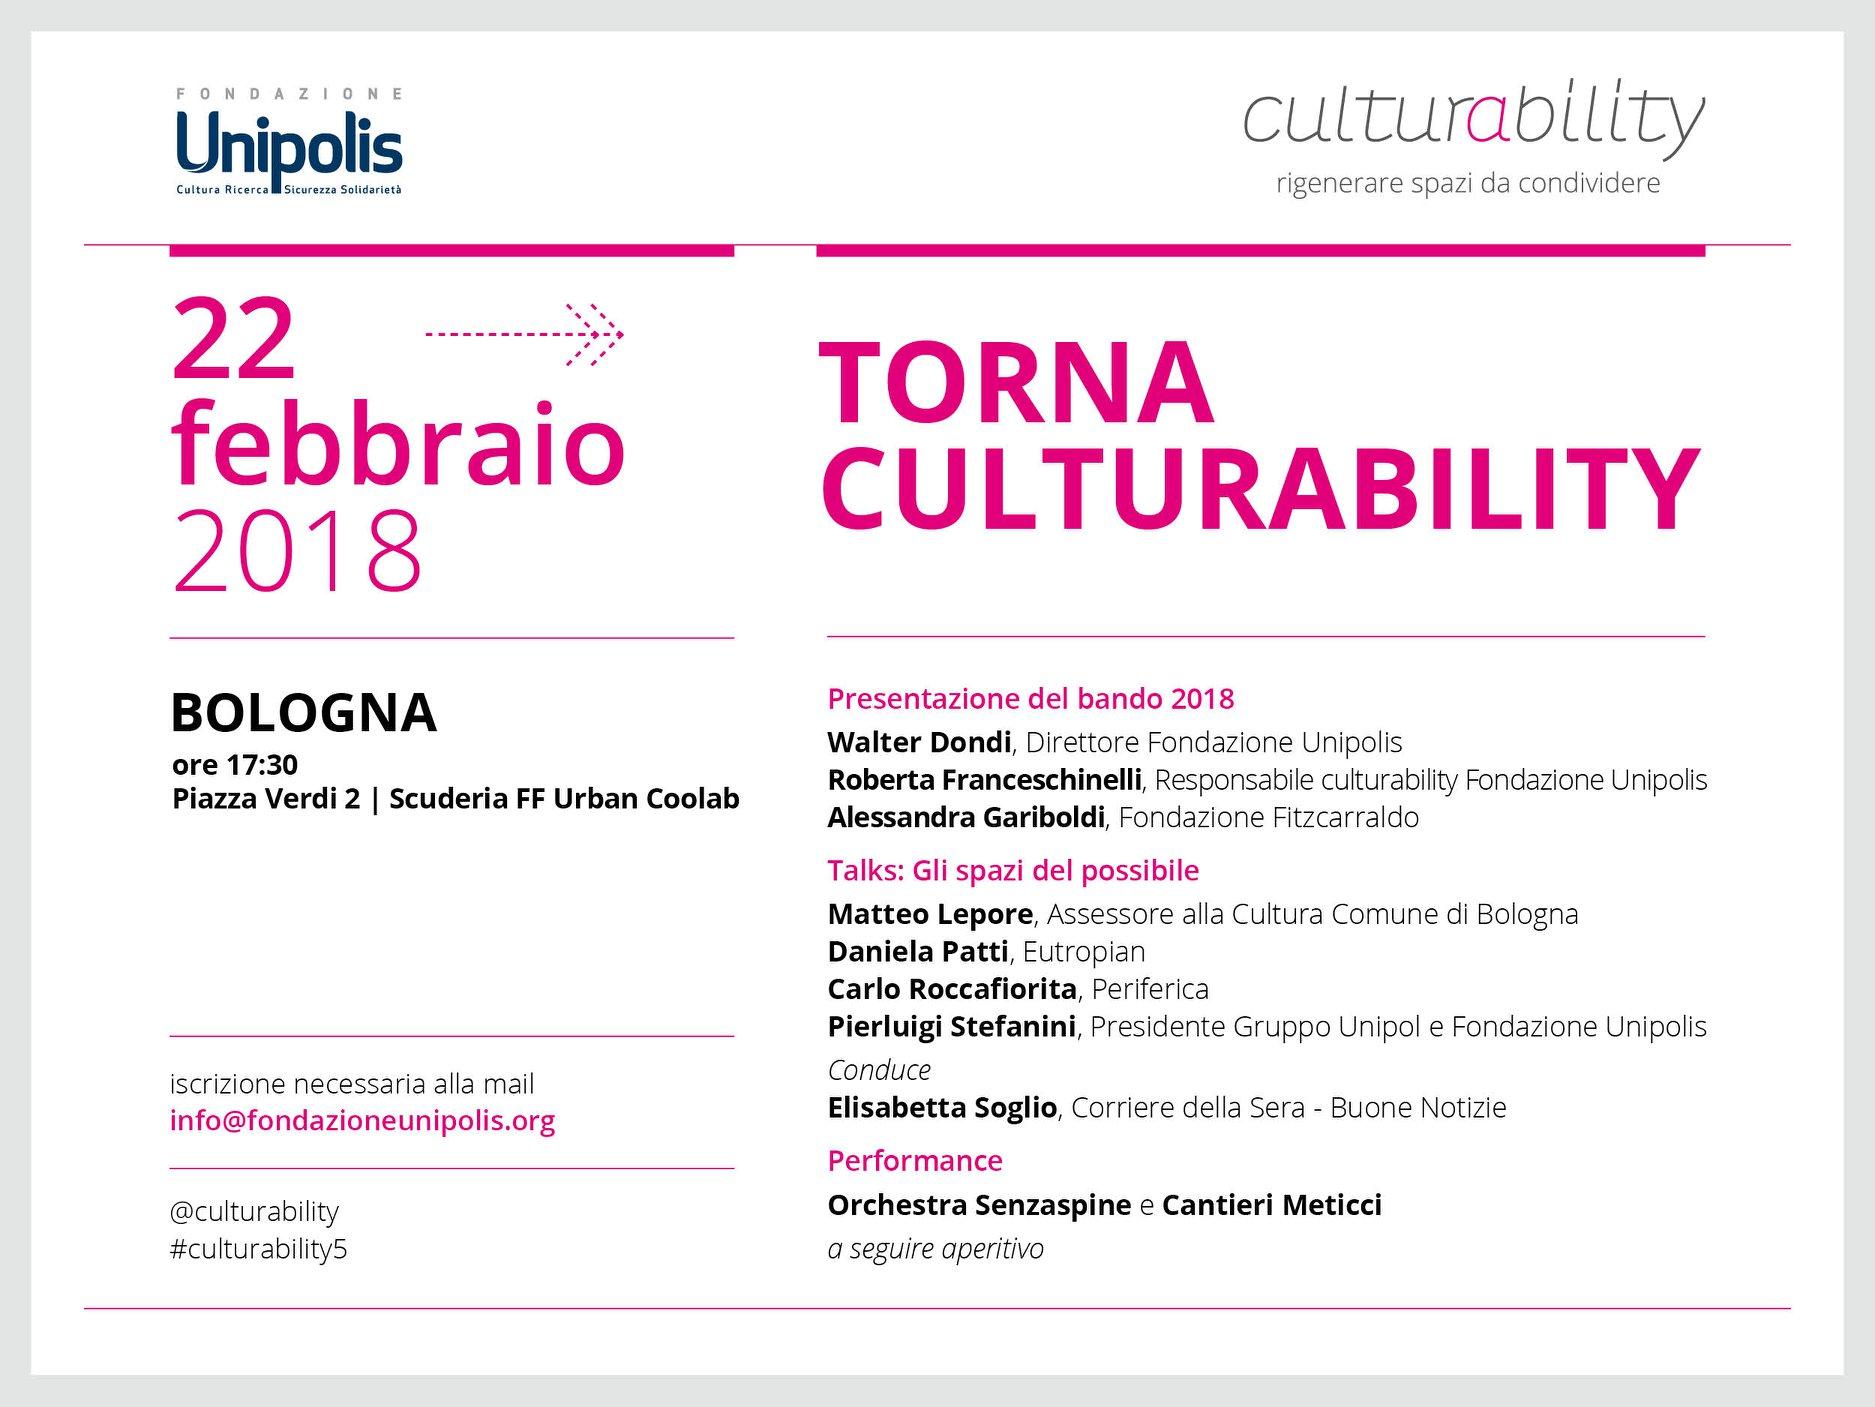 Torna Culturability: il 22 febbraio a Bologna la presentazione della quinta edizione del bando di Fondazione Unipolis per progetti di rigenerazione culturale